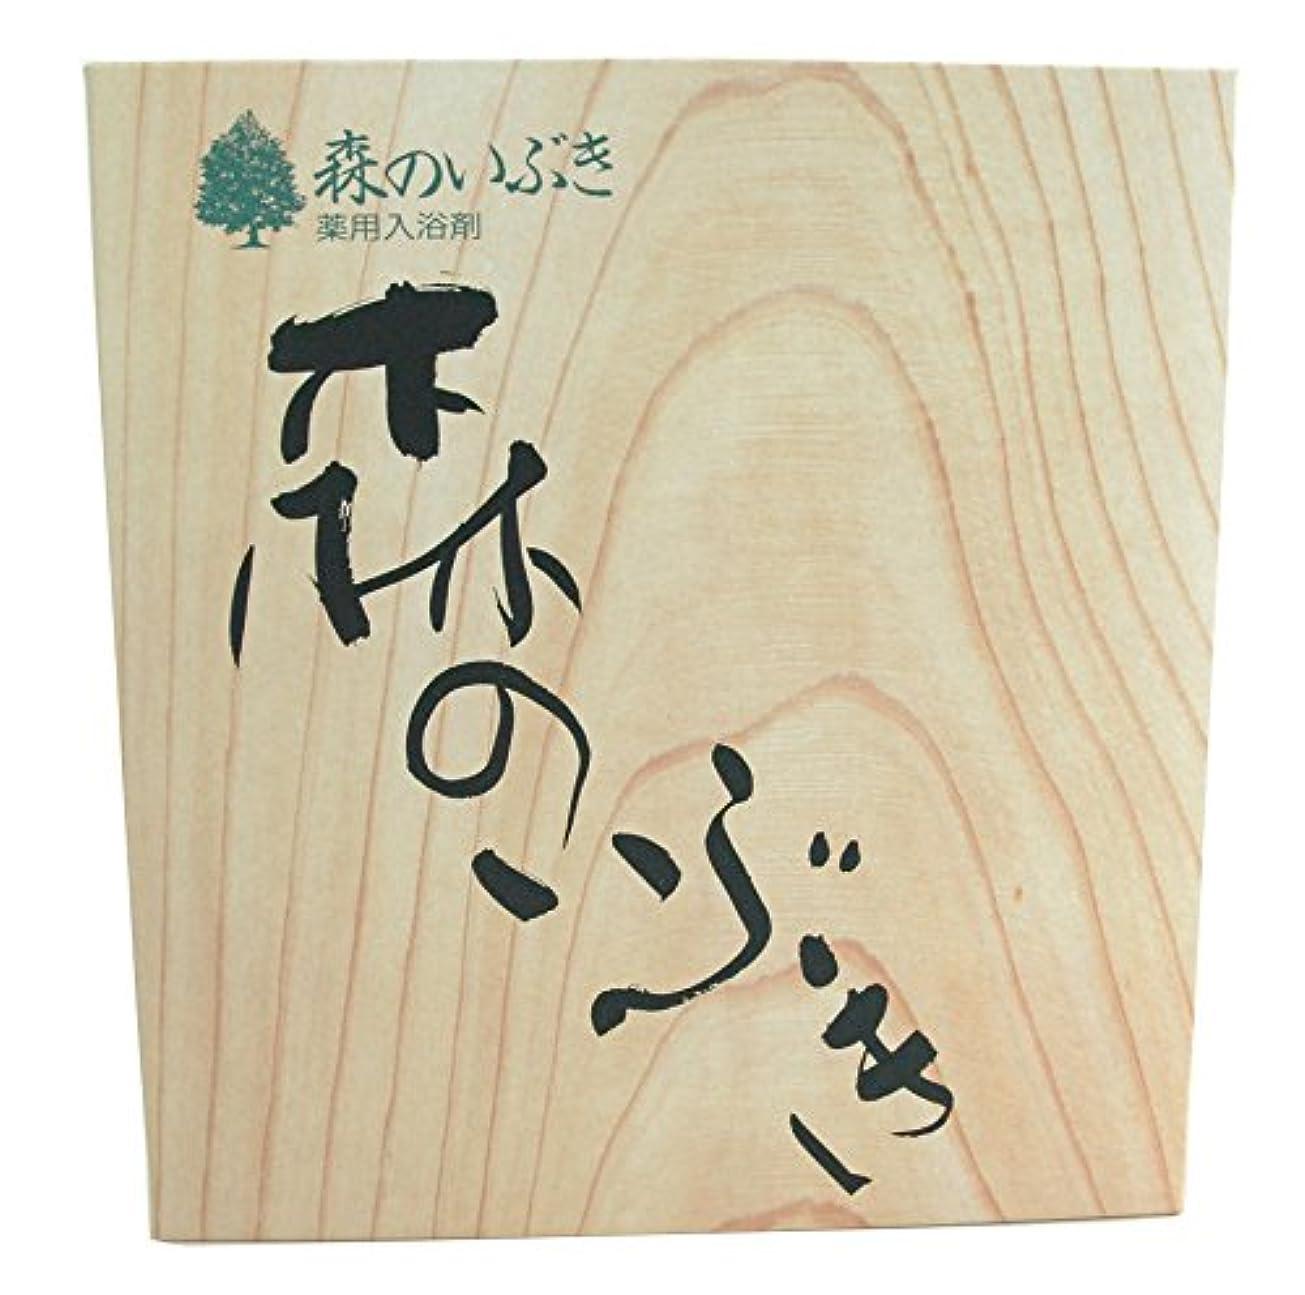 自然嫌がるチョップ森のいぶきギフトセット HMI15 [医薬部外品]